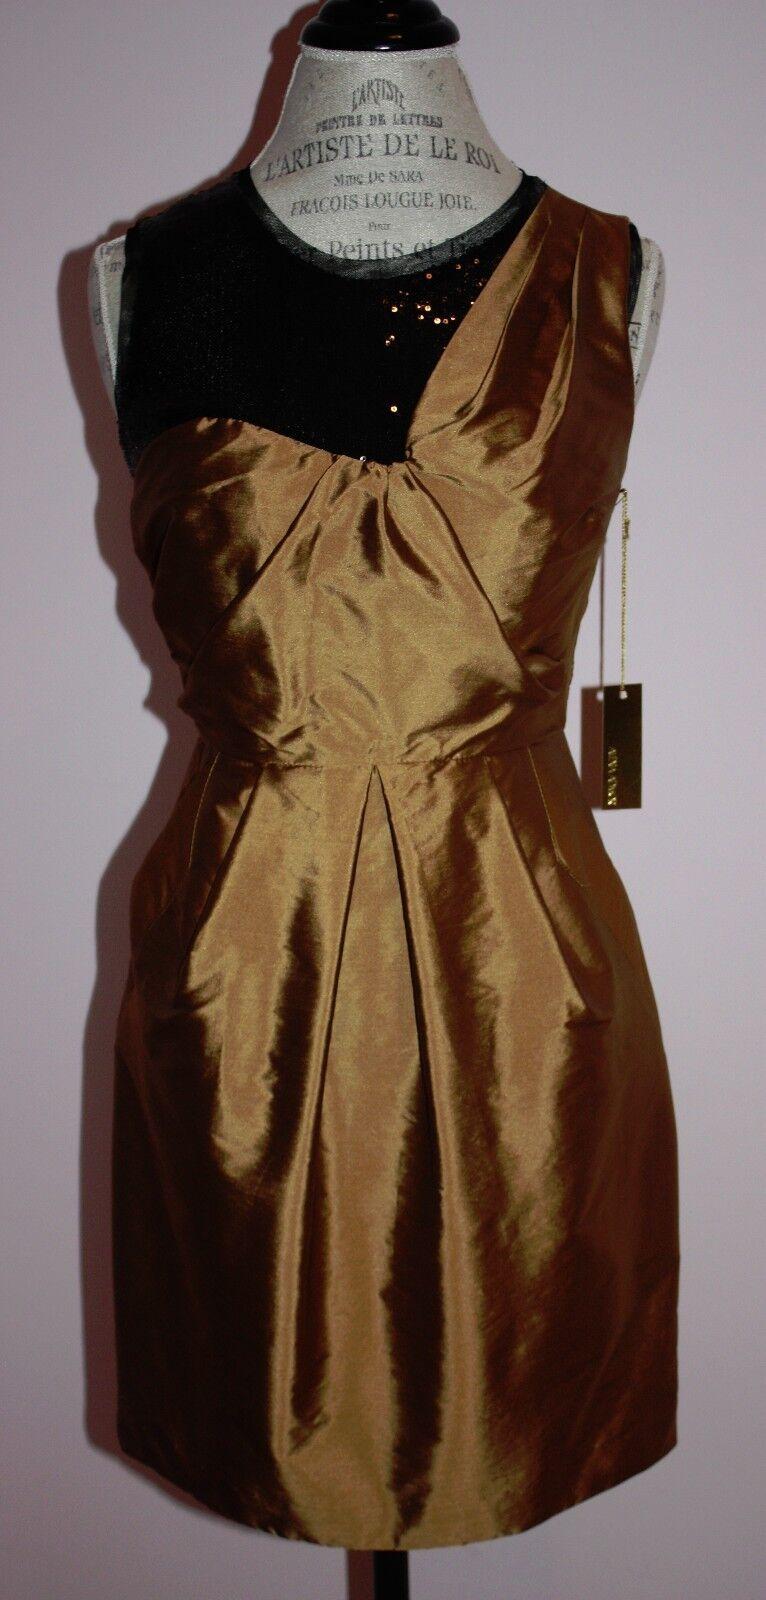 Nuevo Con Etiquetas Mujeres Alexia  Admor bronce  285 Vestido De Lentejuelas Negro Tamaño Pequeño 4 6  marca famosa